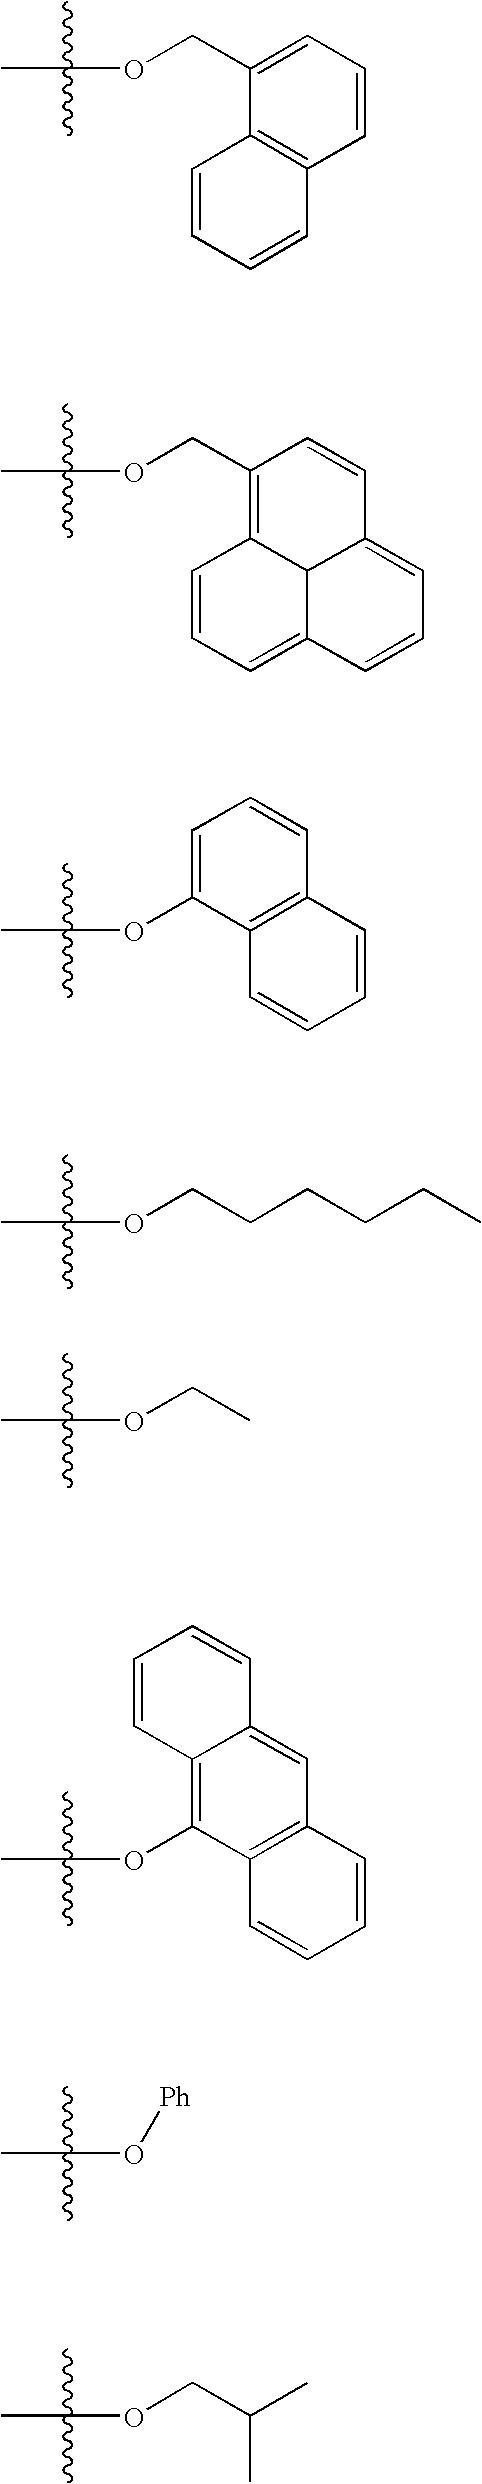 Figure US20060014144A1-20060119-C00048